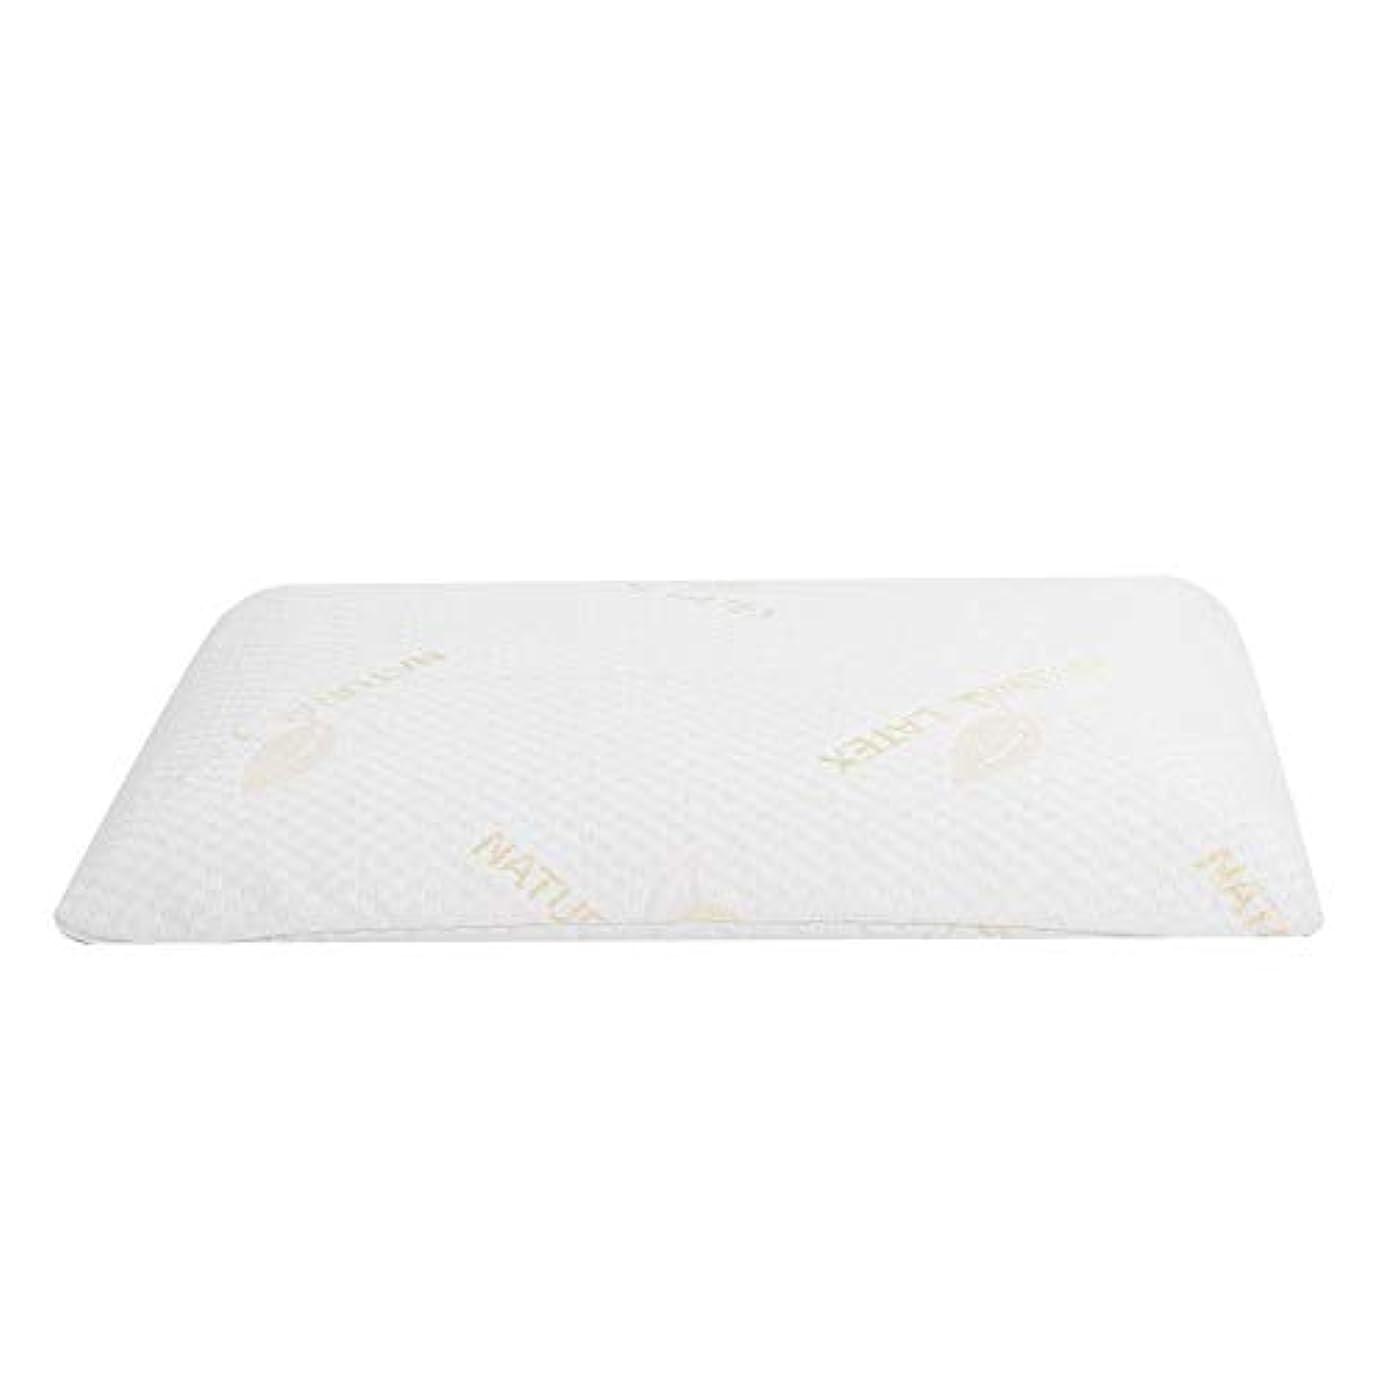 数学的なテレビ局保険ラテックス枕、首と肩の痛みのための睡眠の自然な高い整形外科顆粒マッサージデザインのための豪華な記憶枕